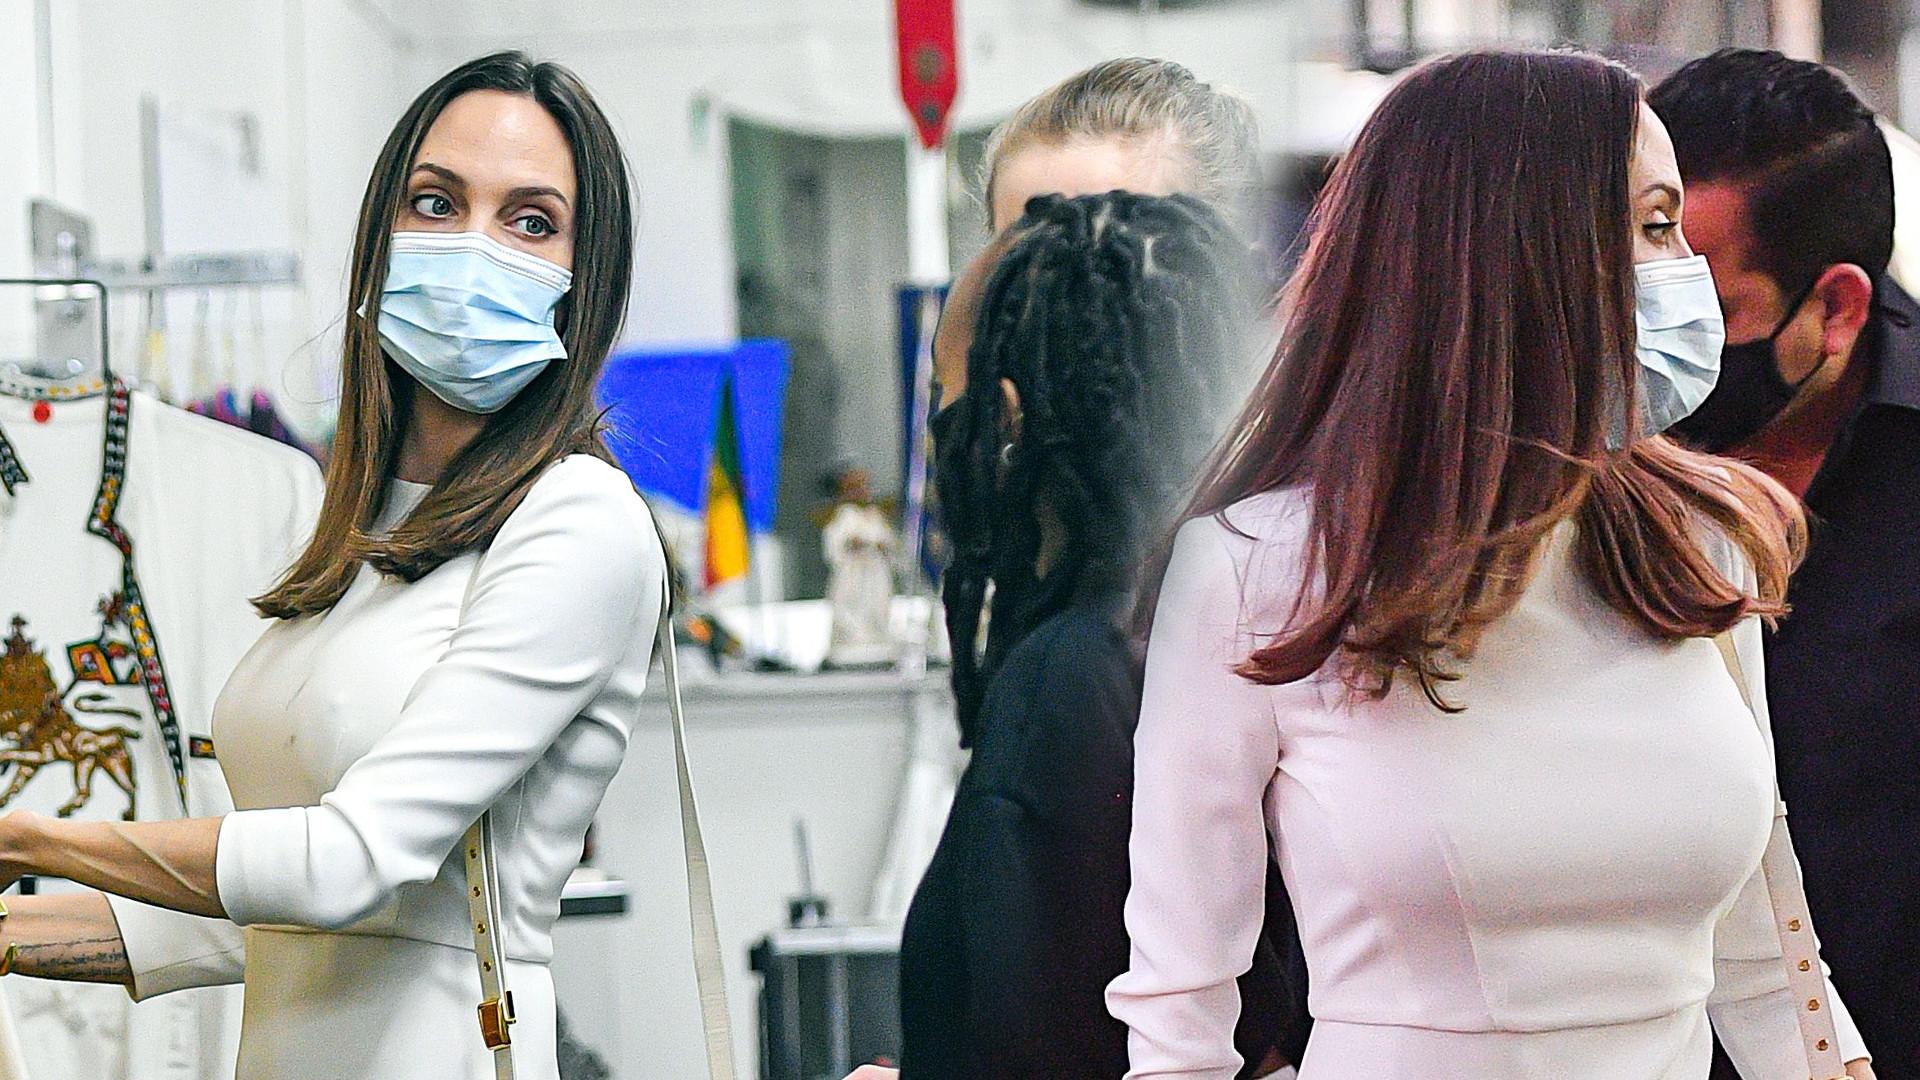 Angelina Jolie na zakupach z córkami – Shiloh i dawno niewidzianą Zaharą (ZDJĘCIA)